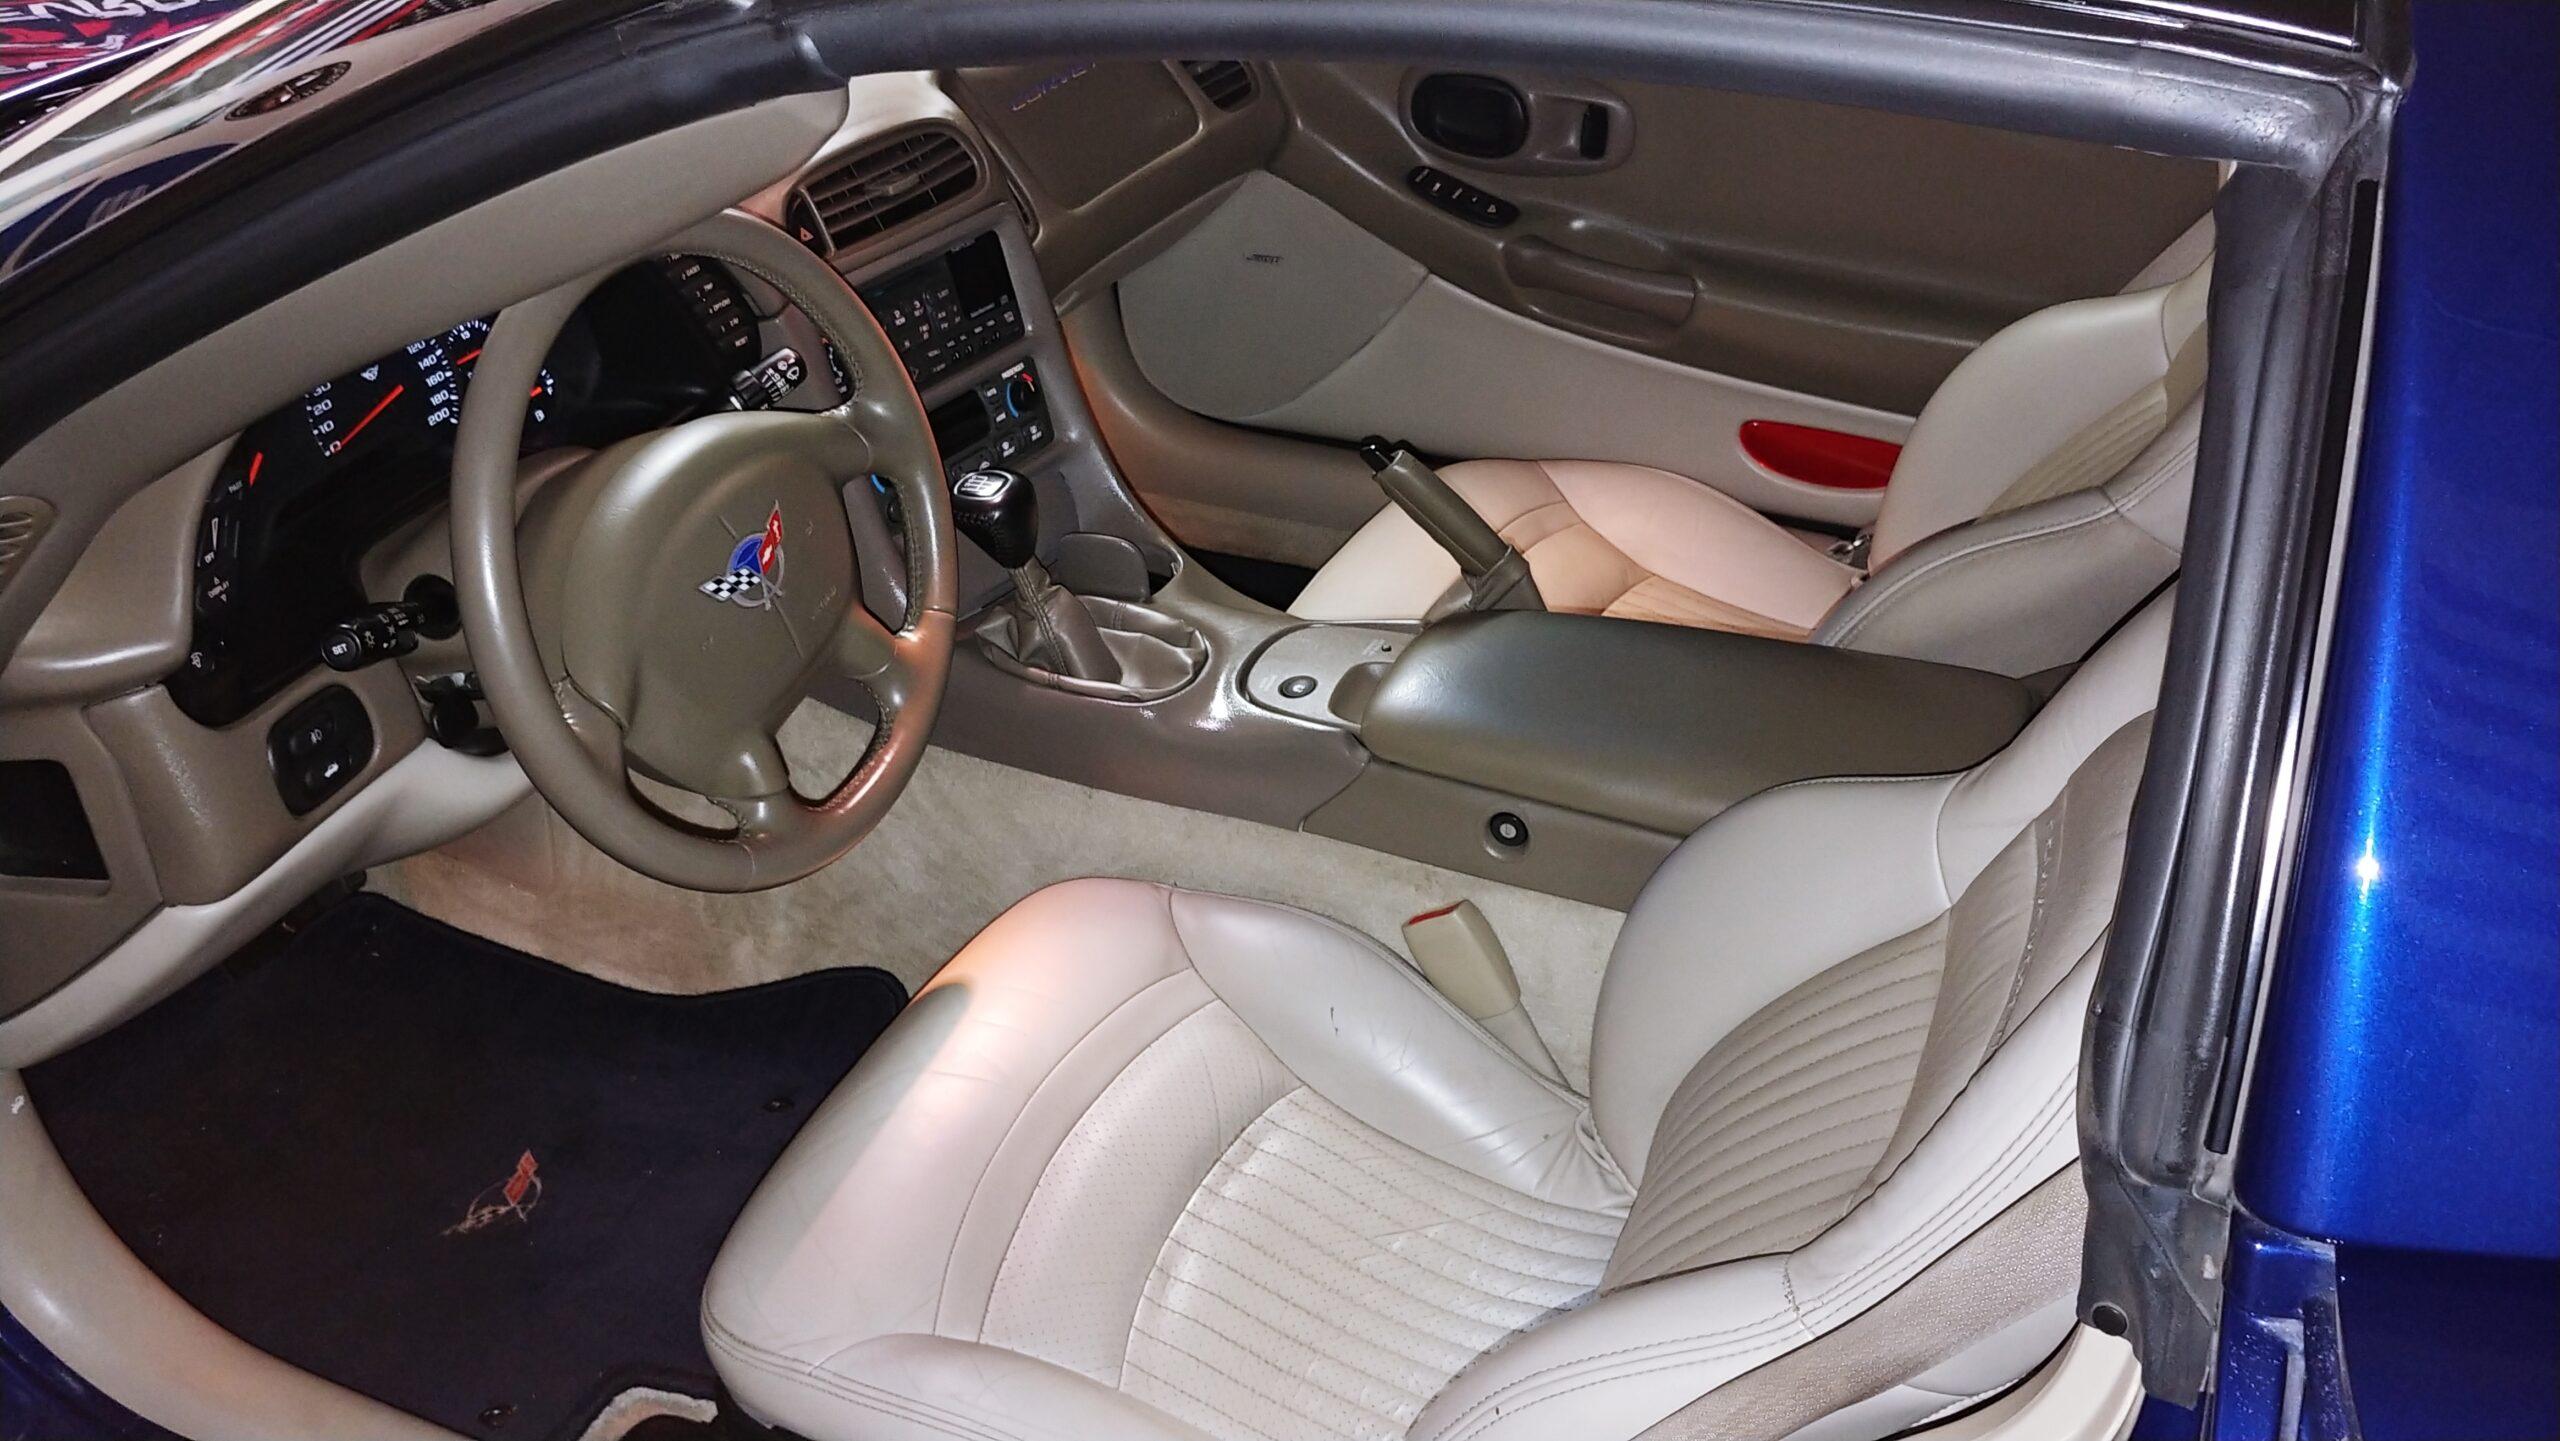 2004 Corvette C5 Commemorative Edition